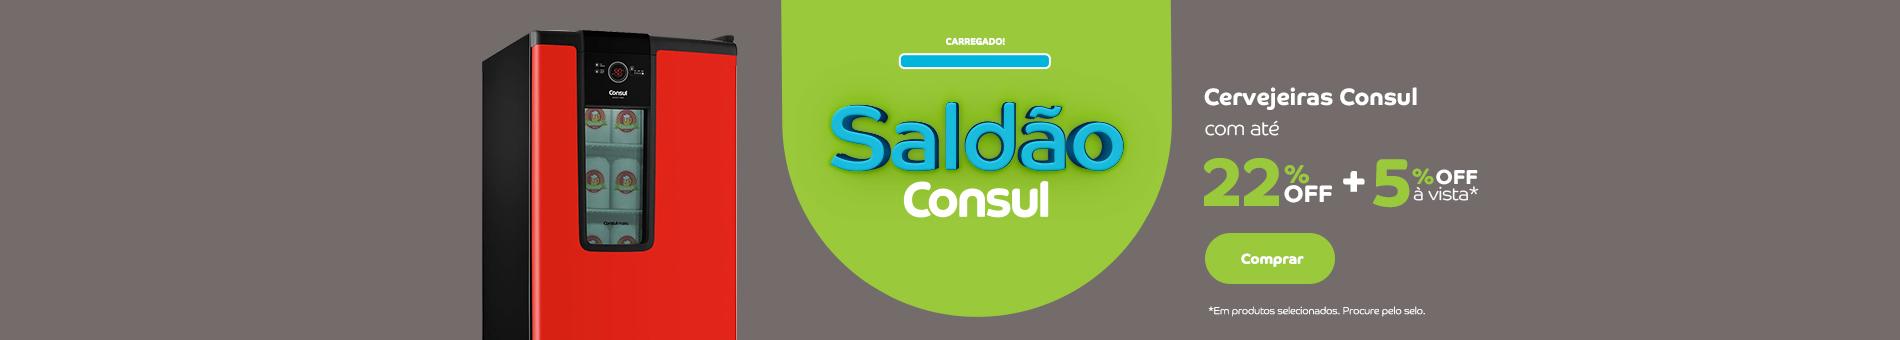 Promoção Interna - 2034 - camp-saldao_cervejeiras_15082017_home6 - cervejeiras - 6